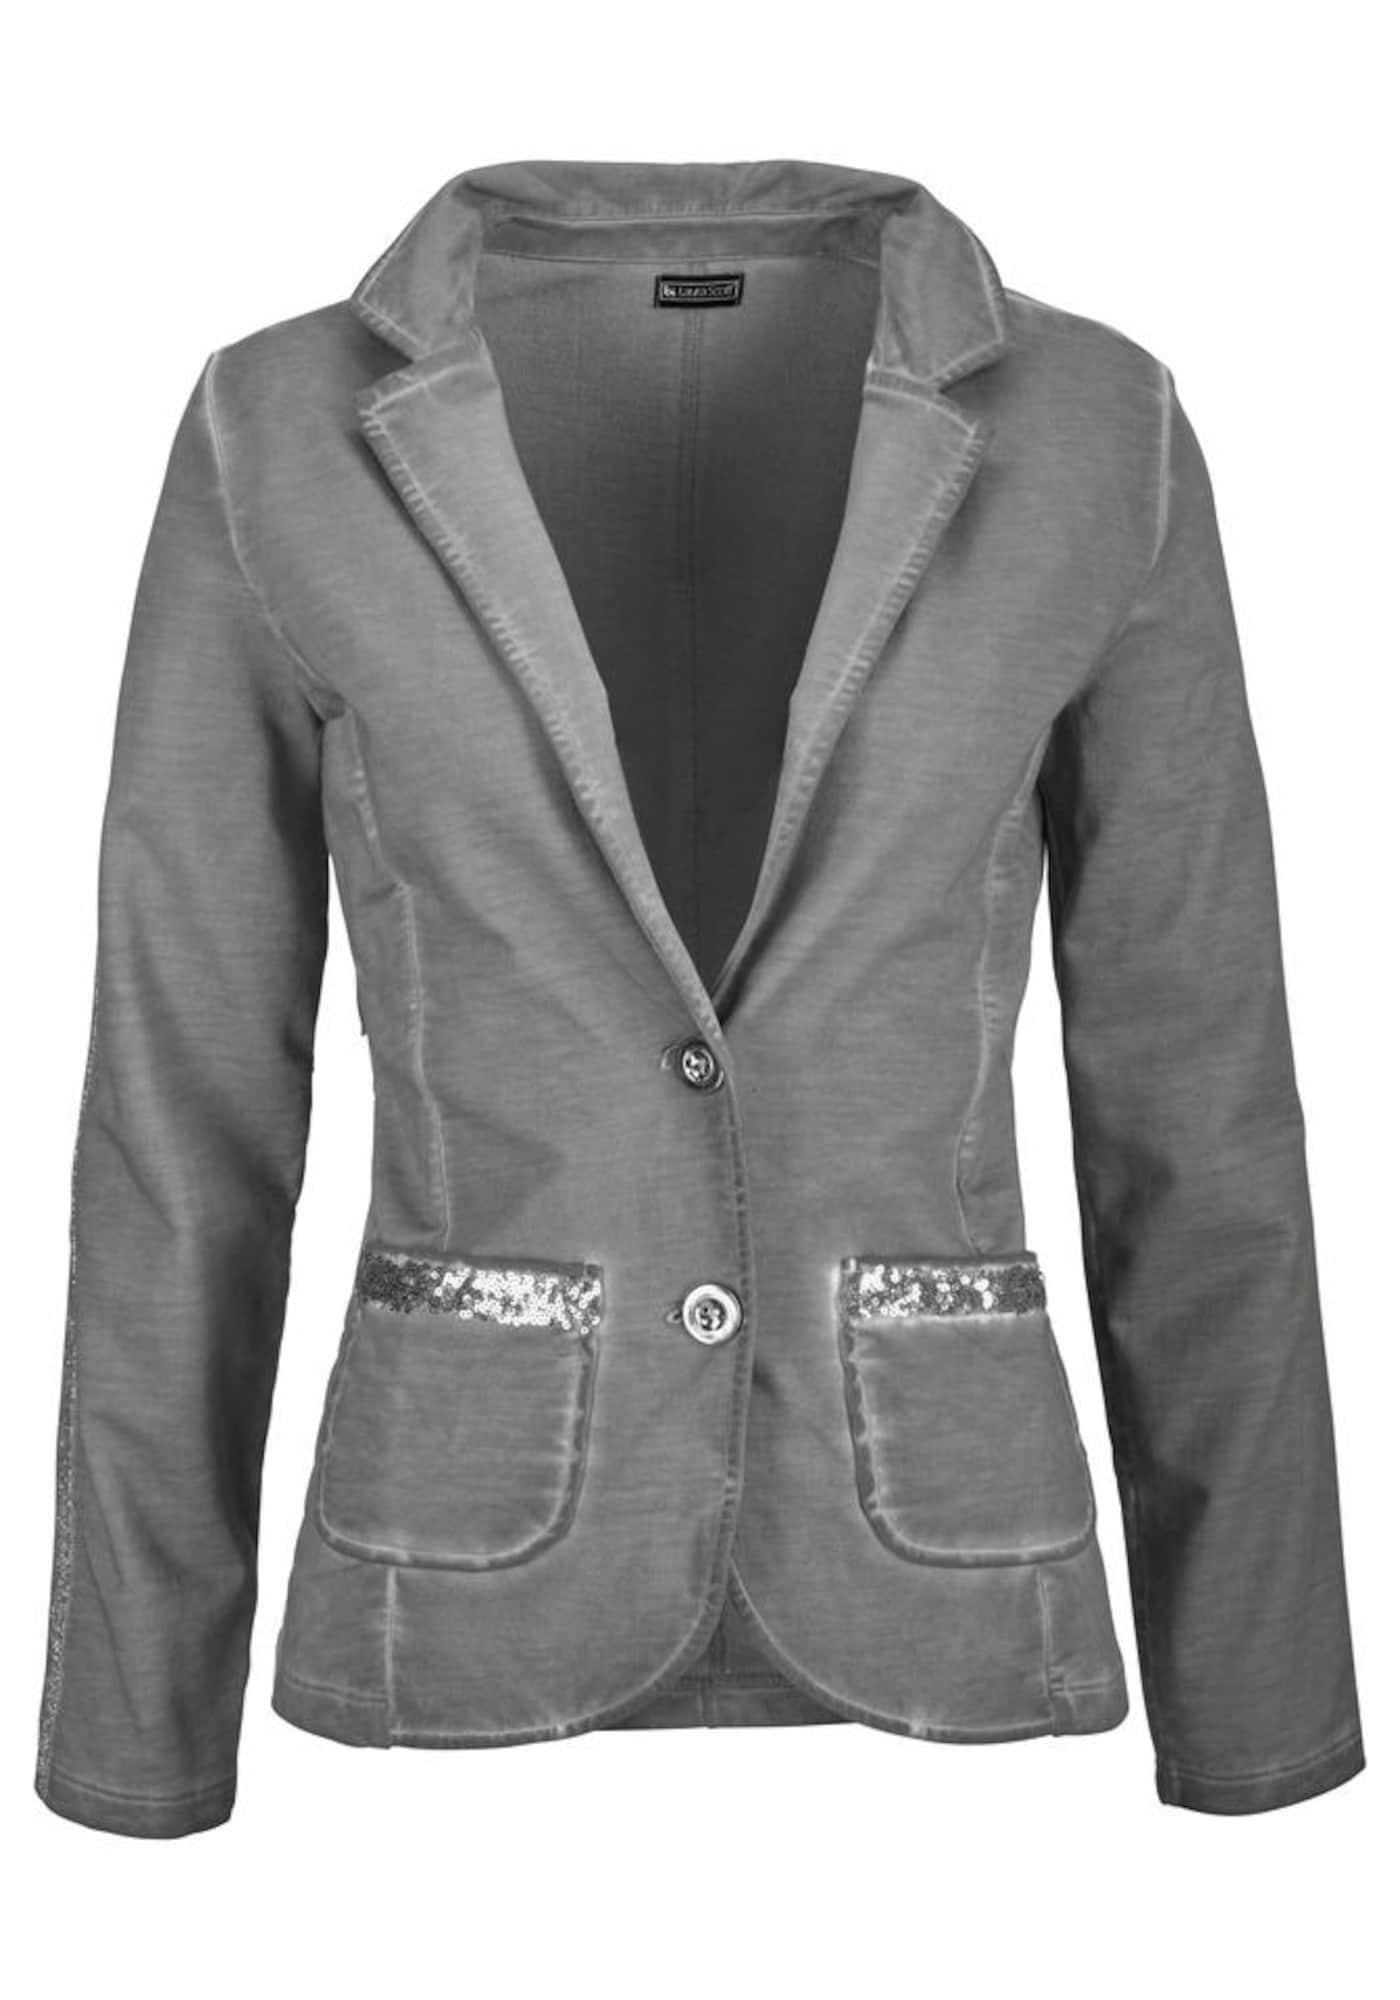 Sweatblazer | Bekleidung > Blazer > Sweatblazer | Grau | laura scott